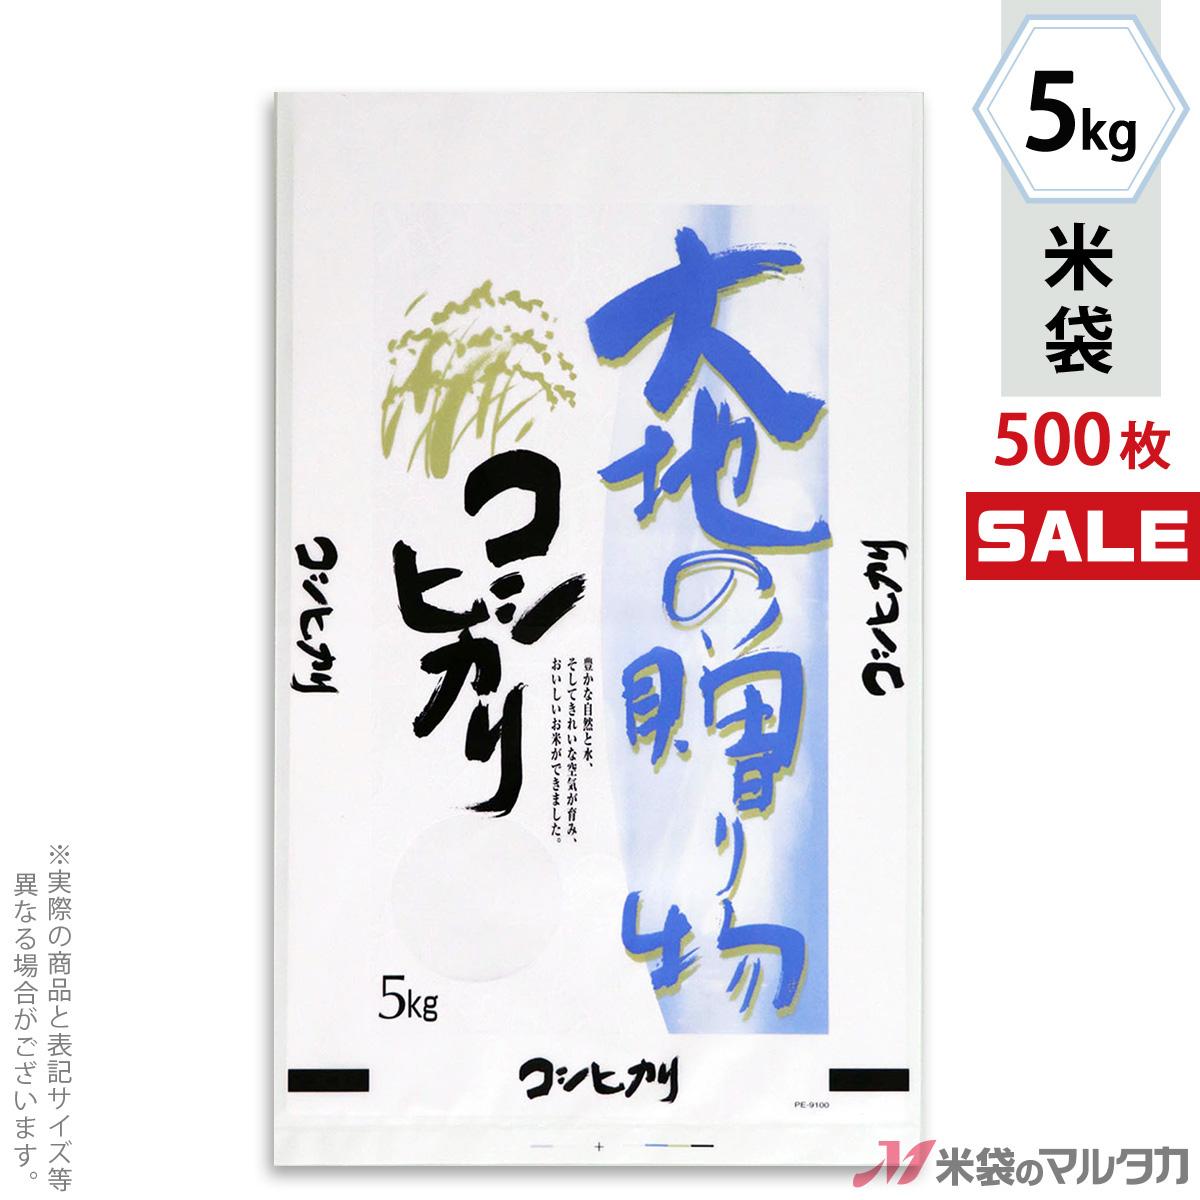 <キャンペーン対応>米袋 エコマル コシヒカリ 大地の贈り物 5kg 1ケース(500枚入) PE-9100